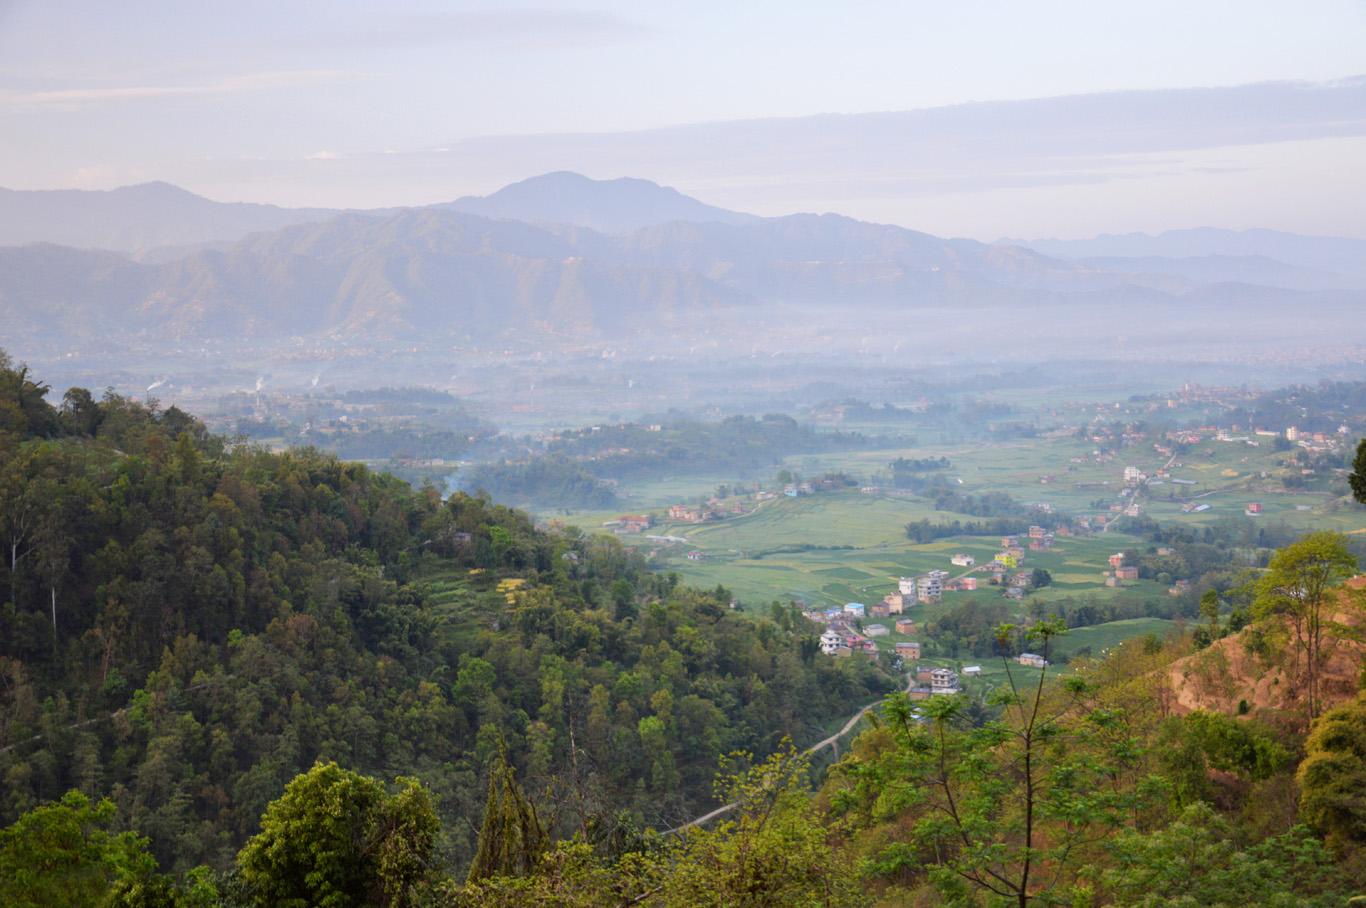 Green Kathmandu Valley